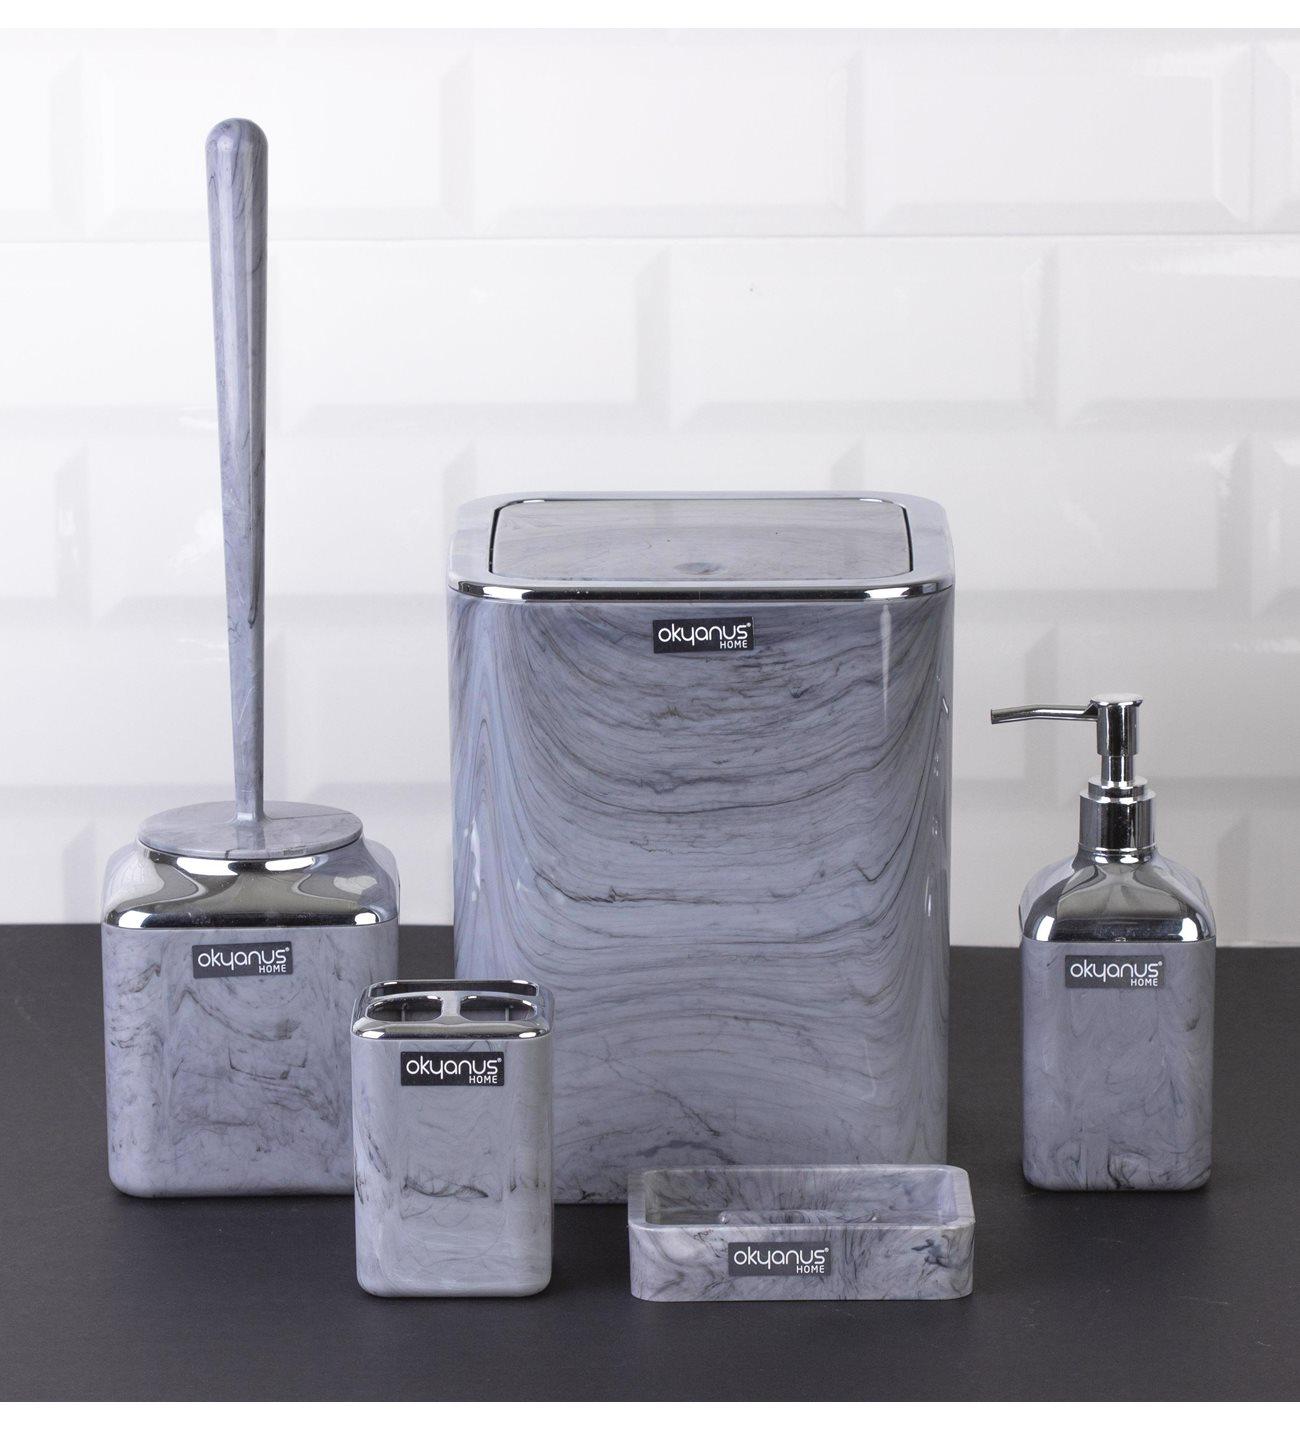 OceanLand Chrome Round-Square Marble Patterned Bathroom Set of 5 Hard Plastic Toothbrush Holder Soap Dispenser Toilet Brush enlarge